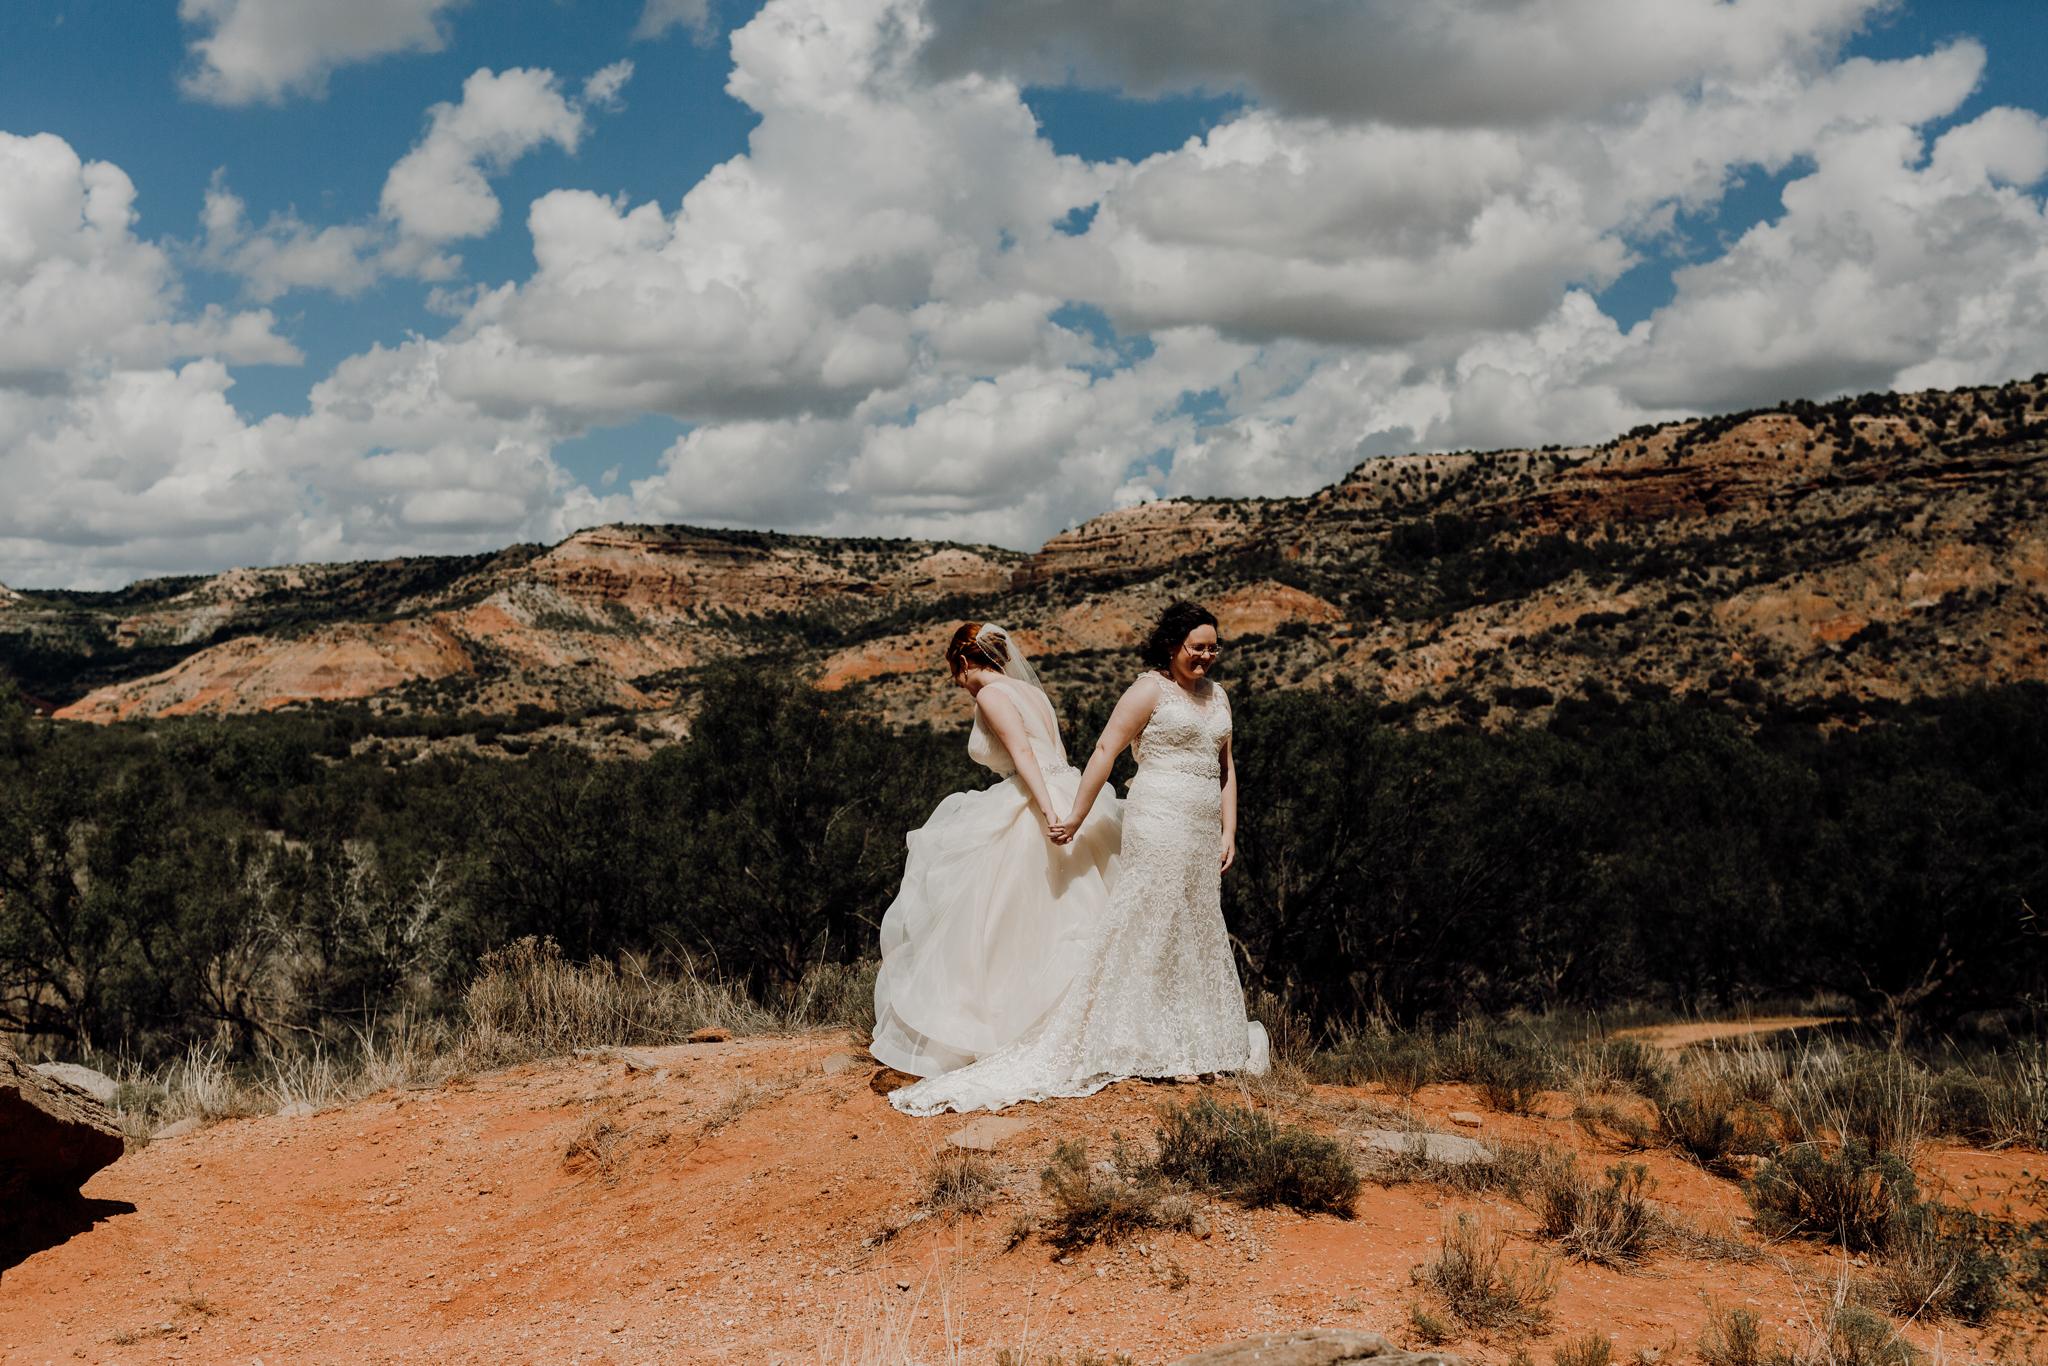 Texas Wedding Photographer-Palo Duro Canyon Sam Sex Wedding- Houston Wedding Photographer -Kristen Giles Photography-12.jpg